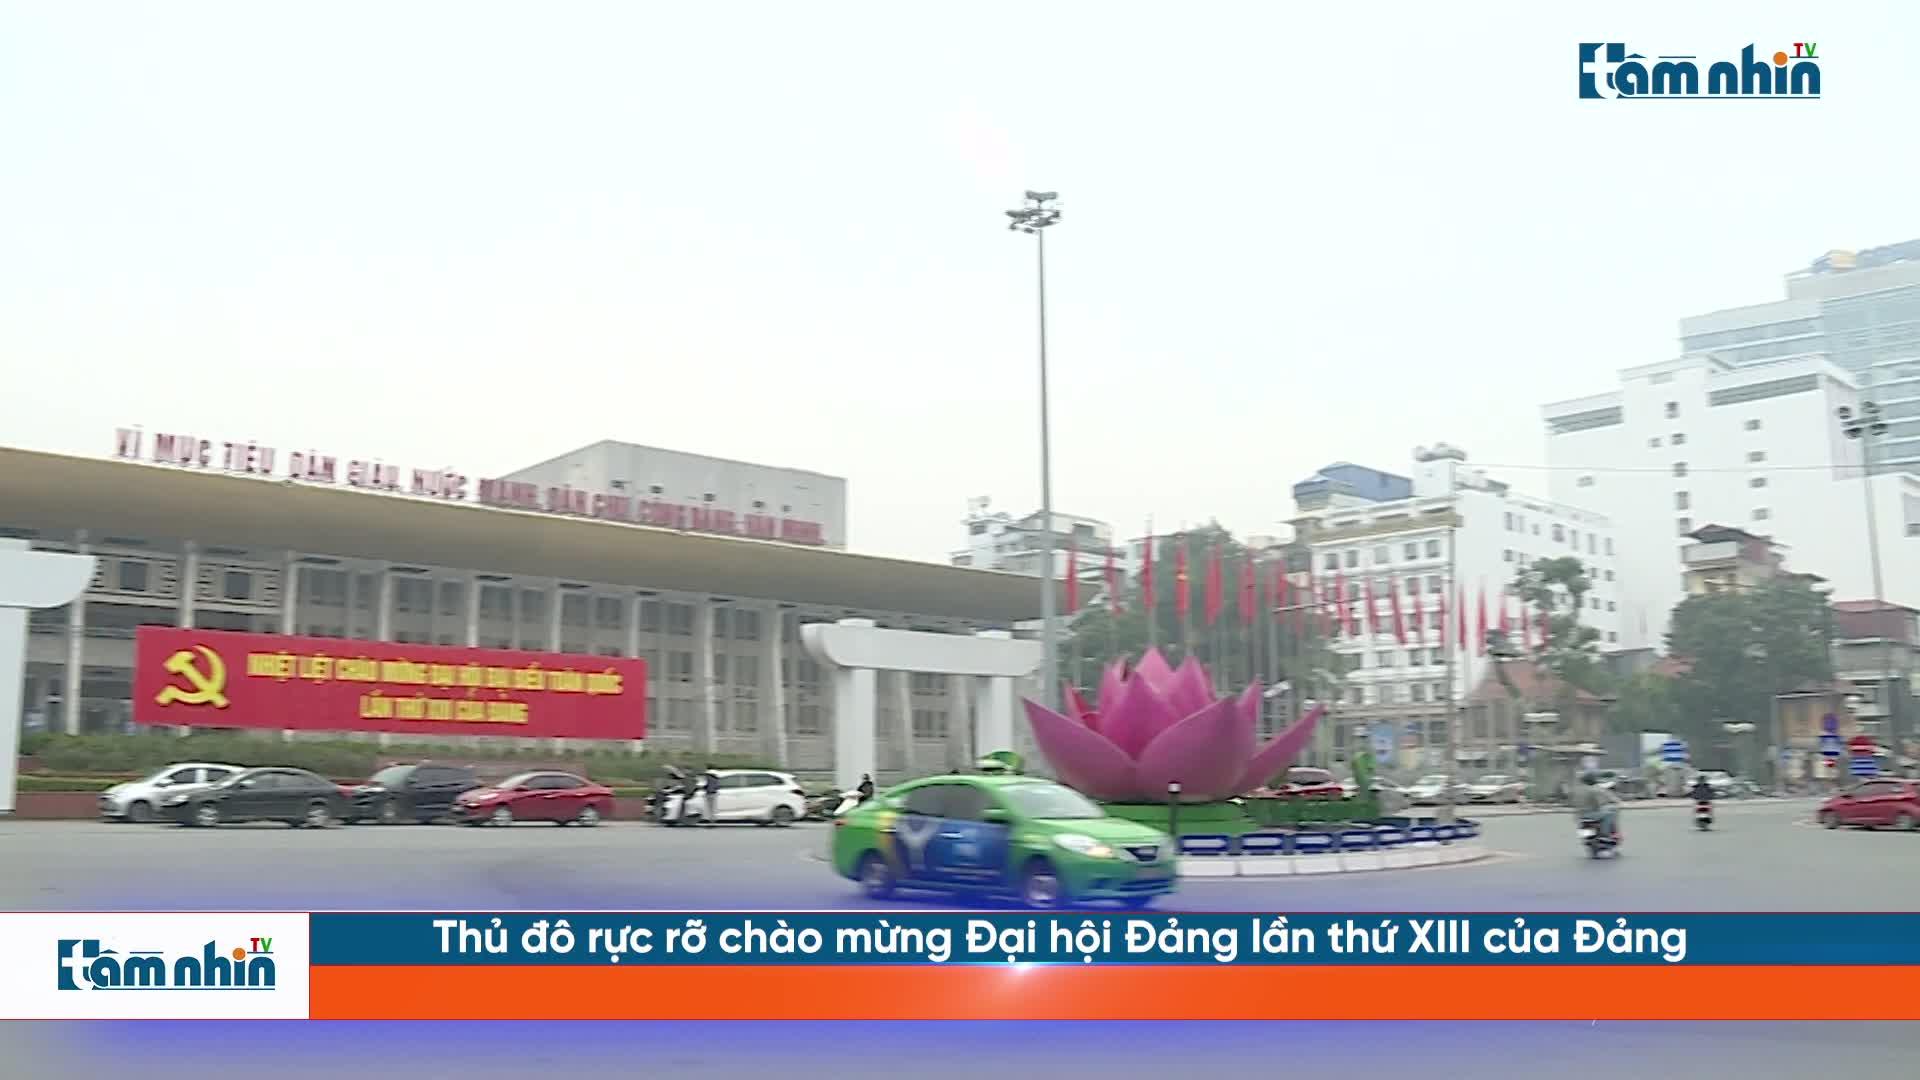 Thủ đô rực rỡ chào mừng Đại hội Đảng lần thứ XIII của Đảng